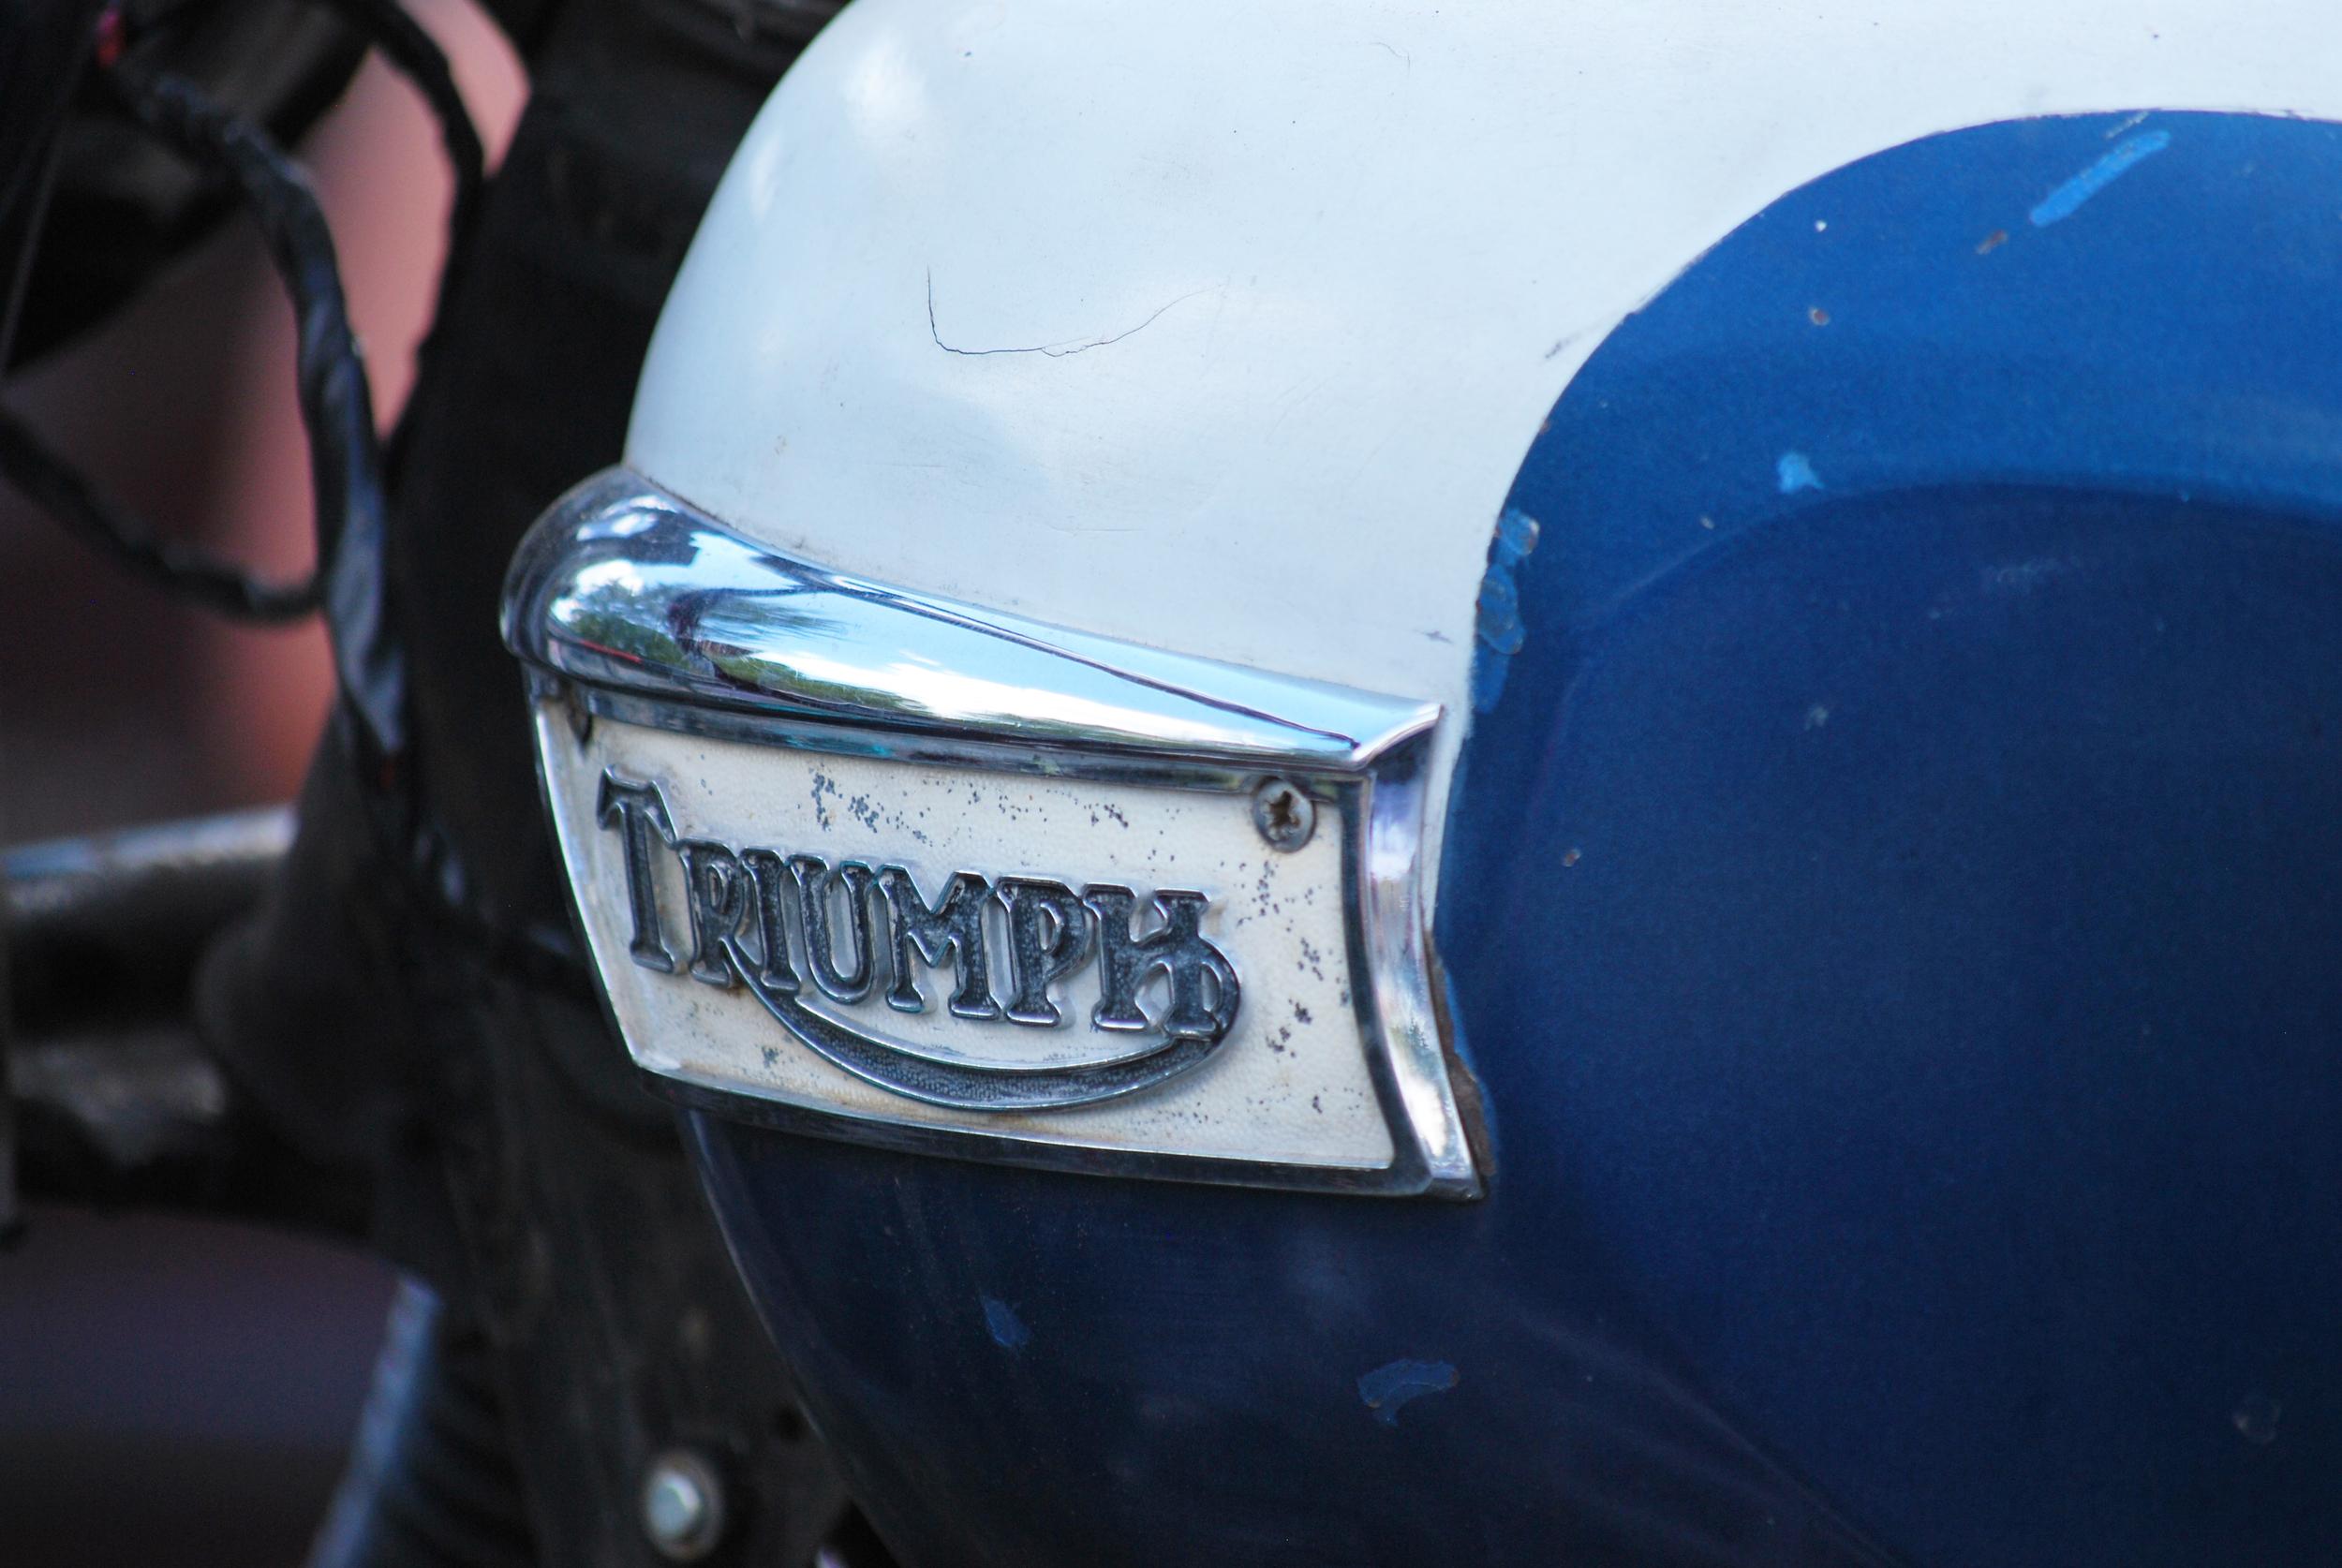 Triumph_1.JPG